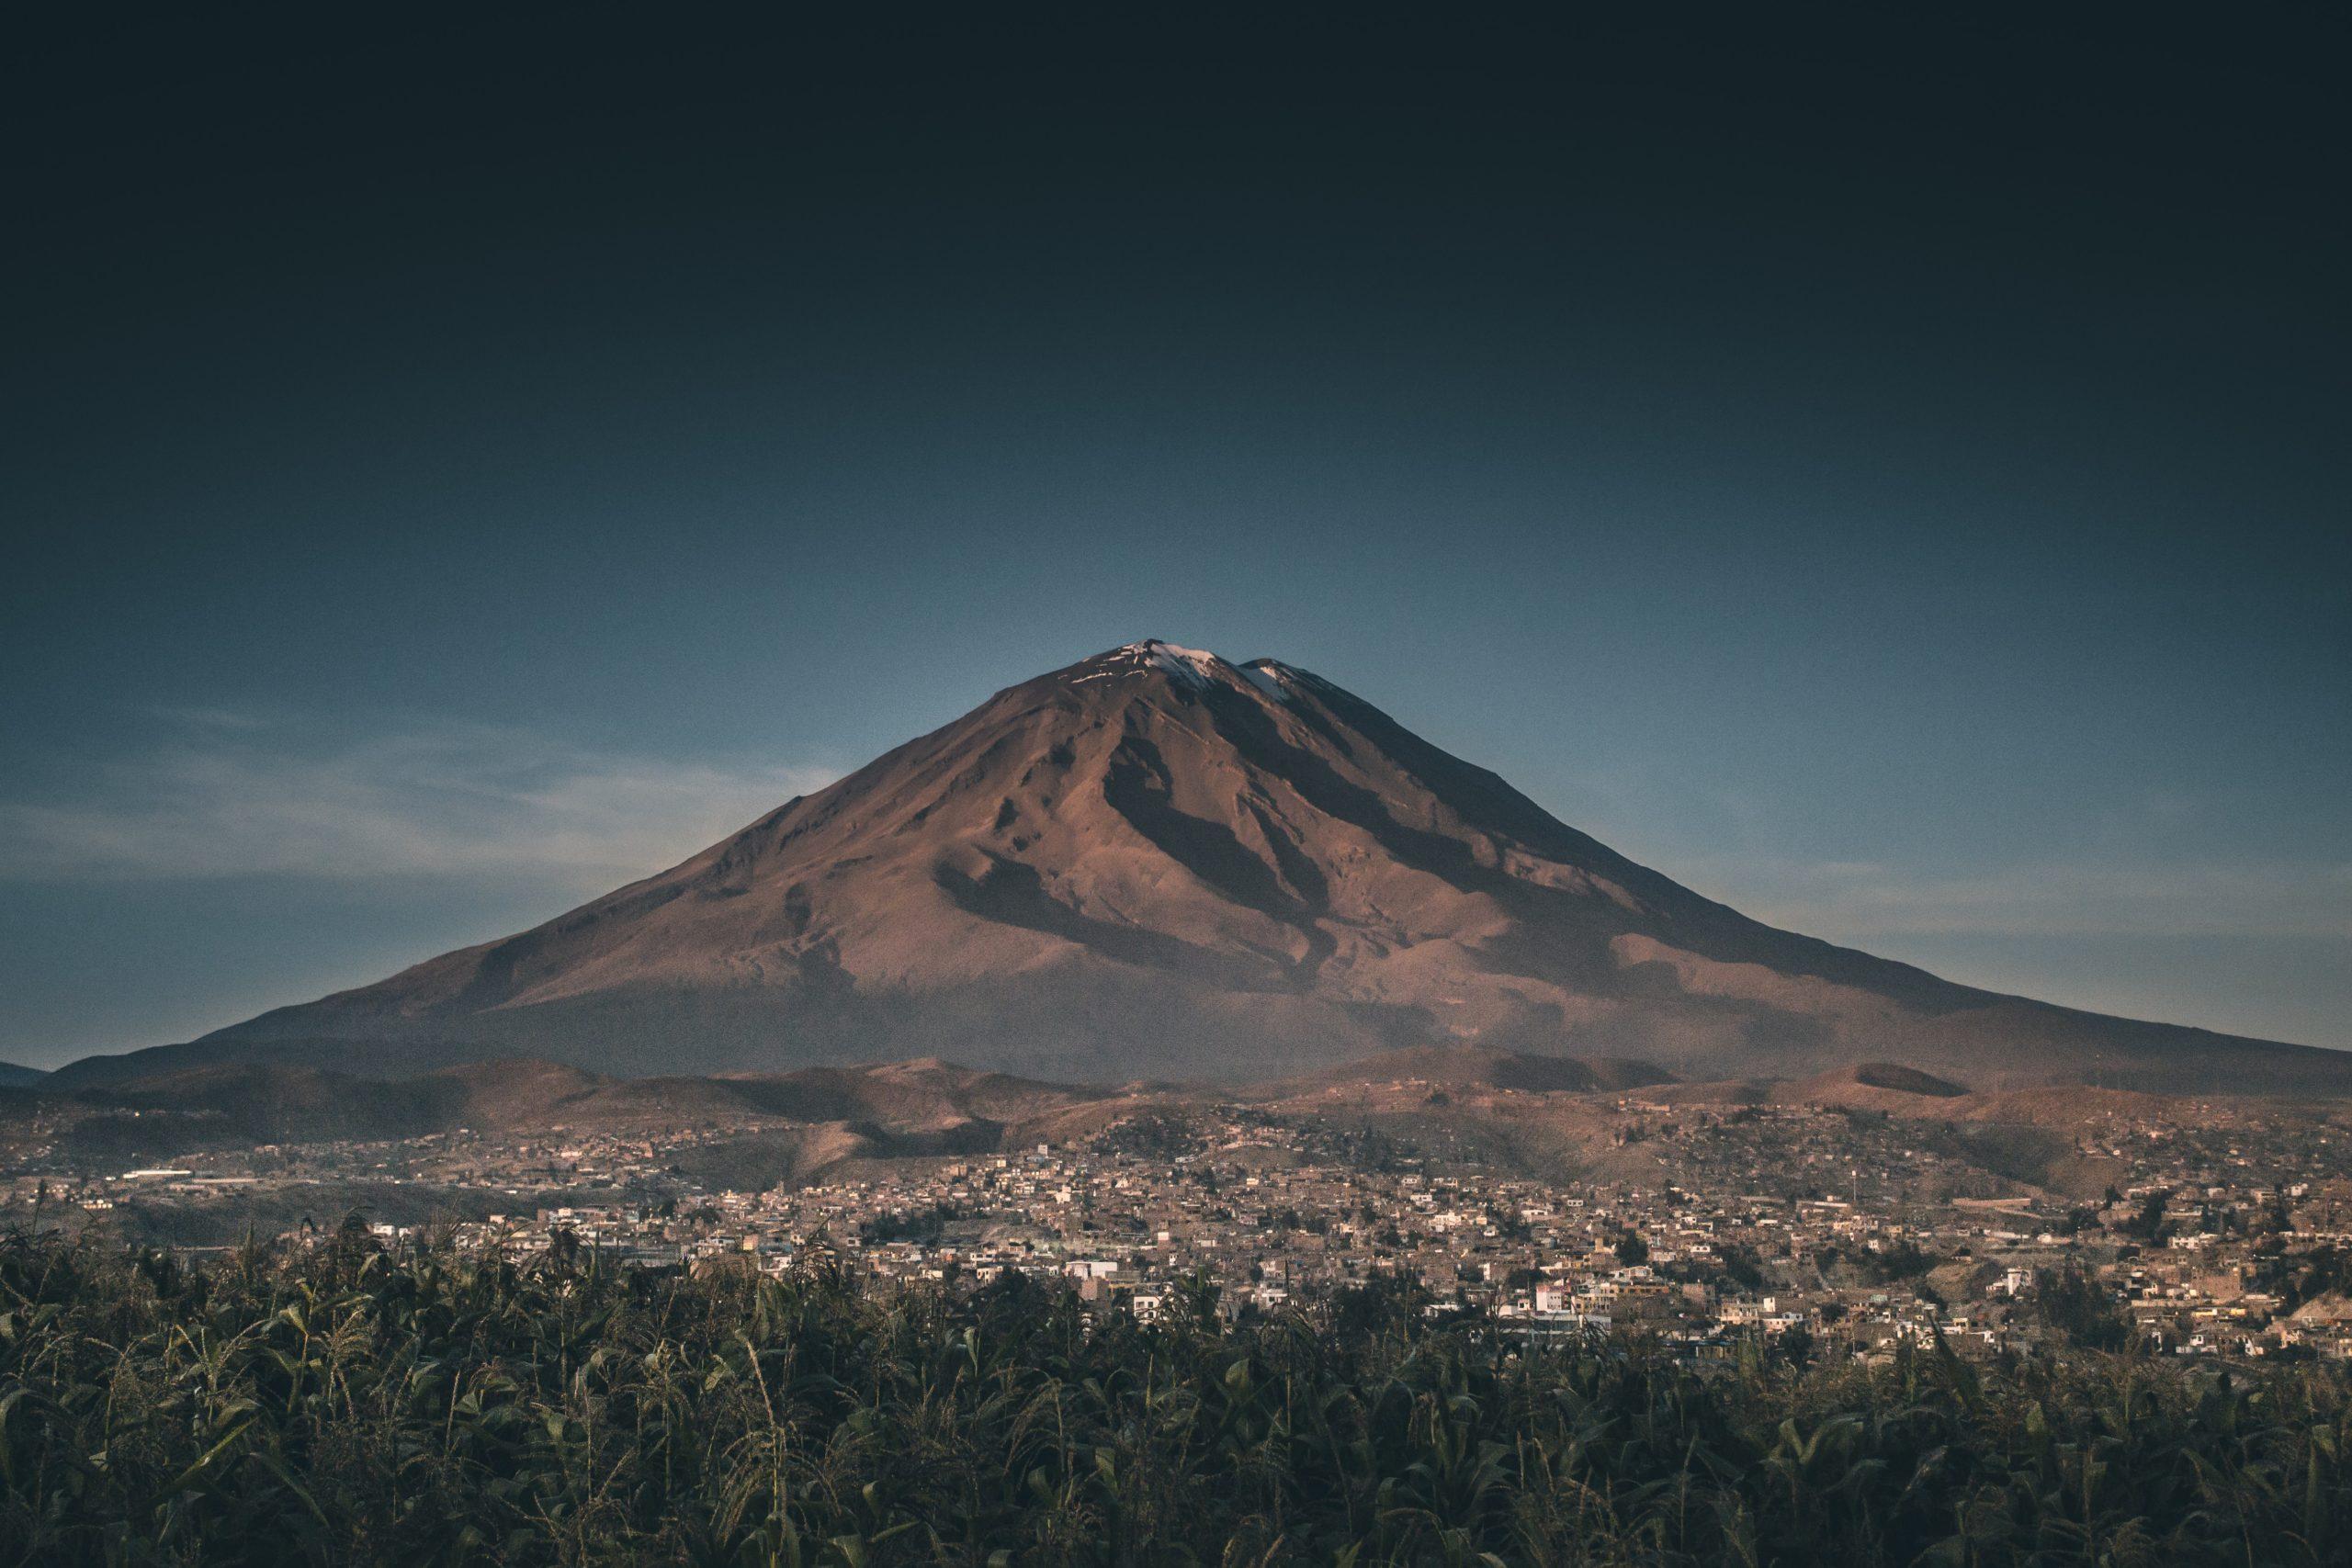 Le volcan Chachani dans la cordillère des Andes